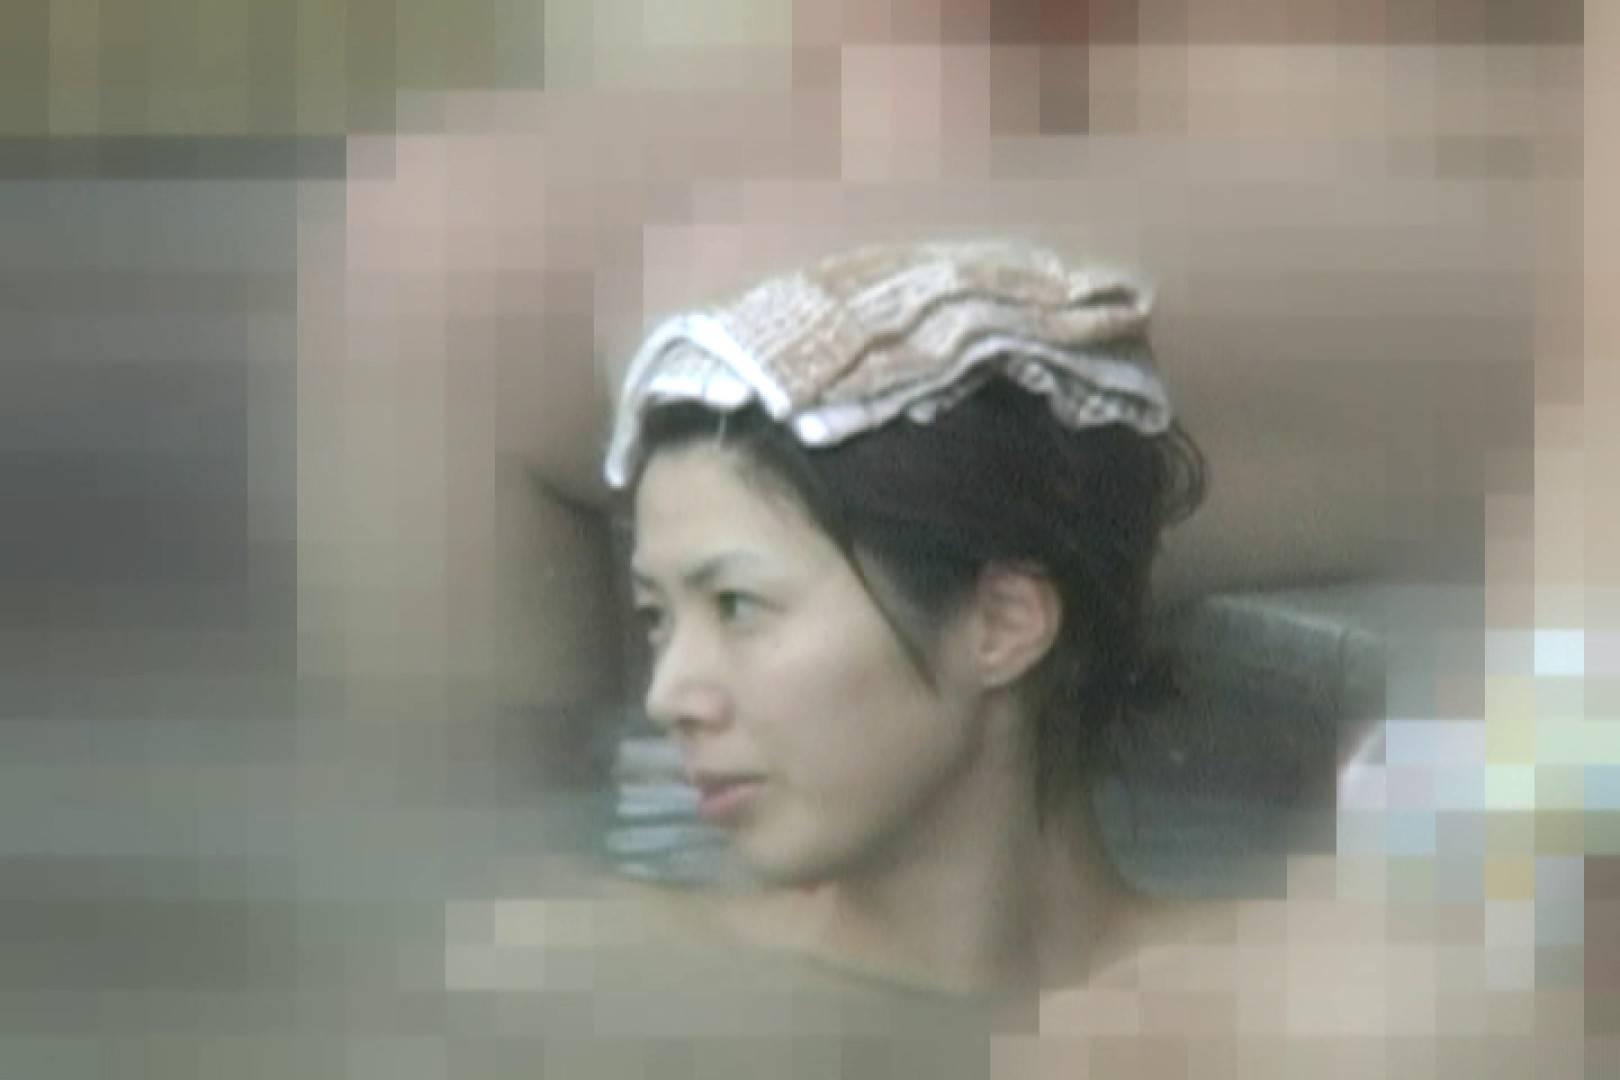 Aquaな露天風呂Vol.856 露天風呂  74連発 45